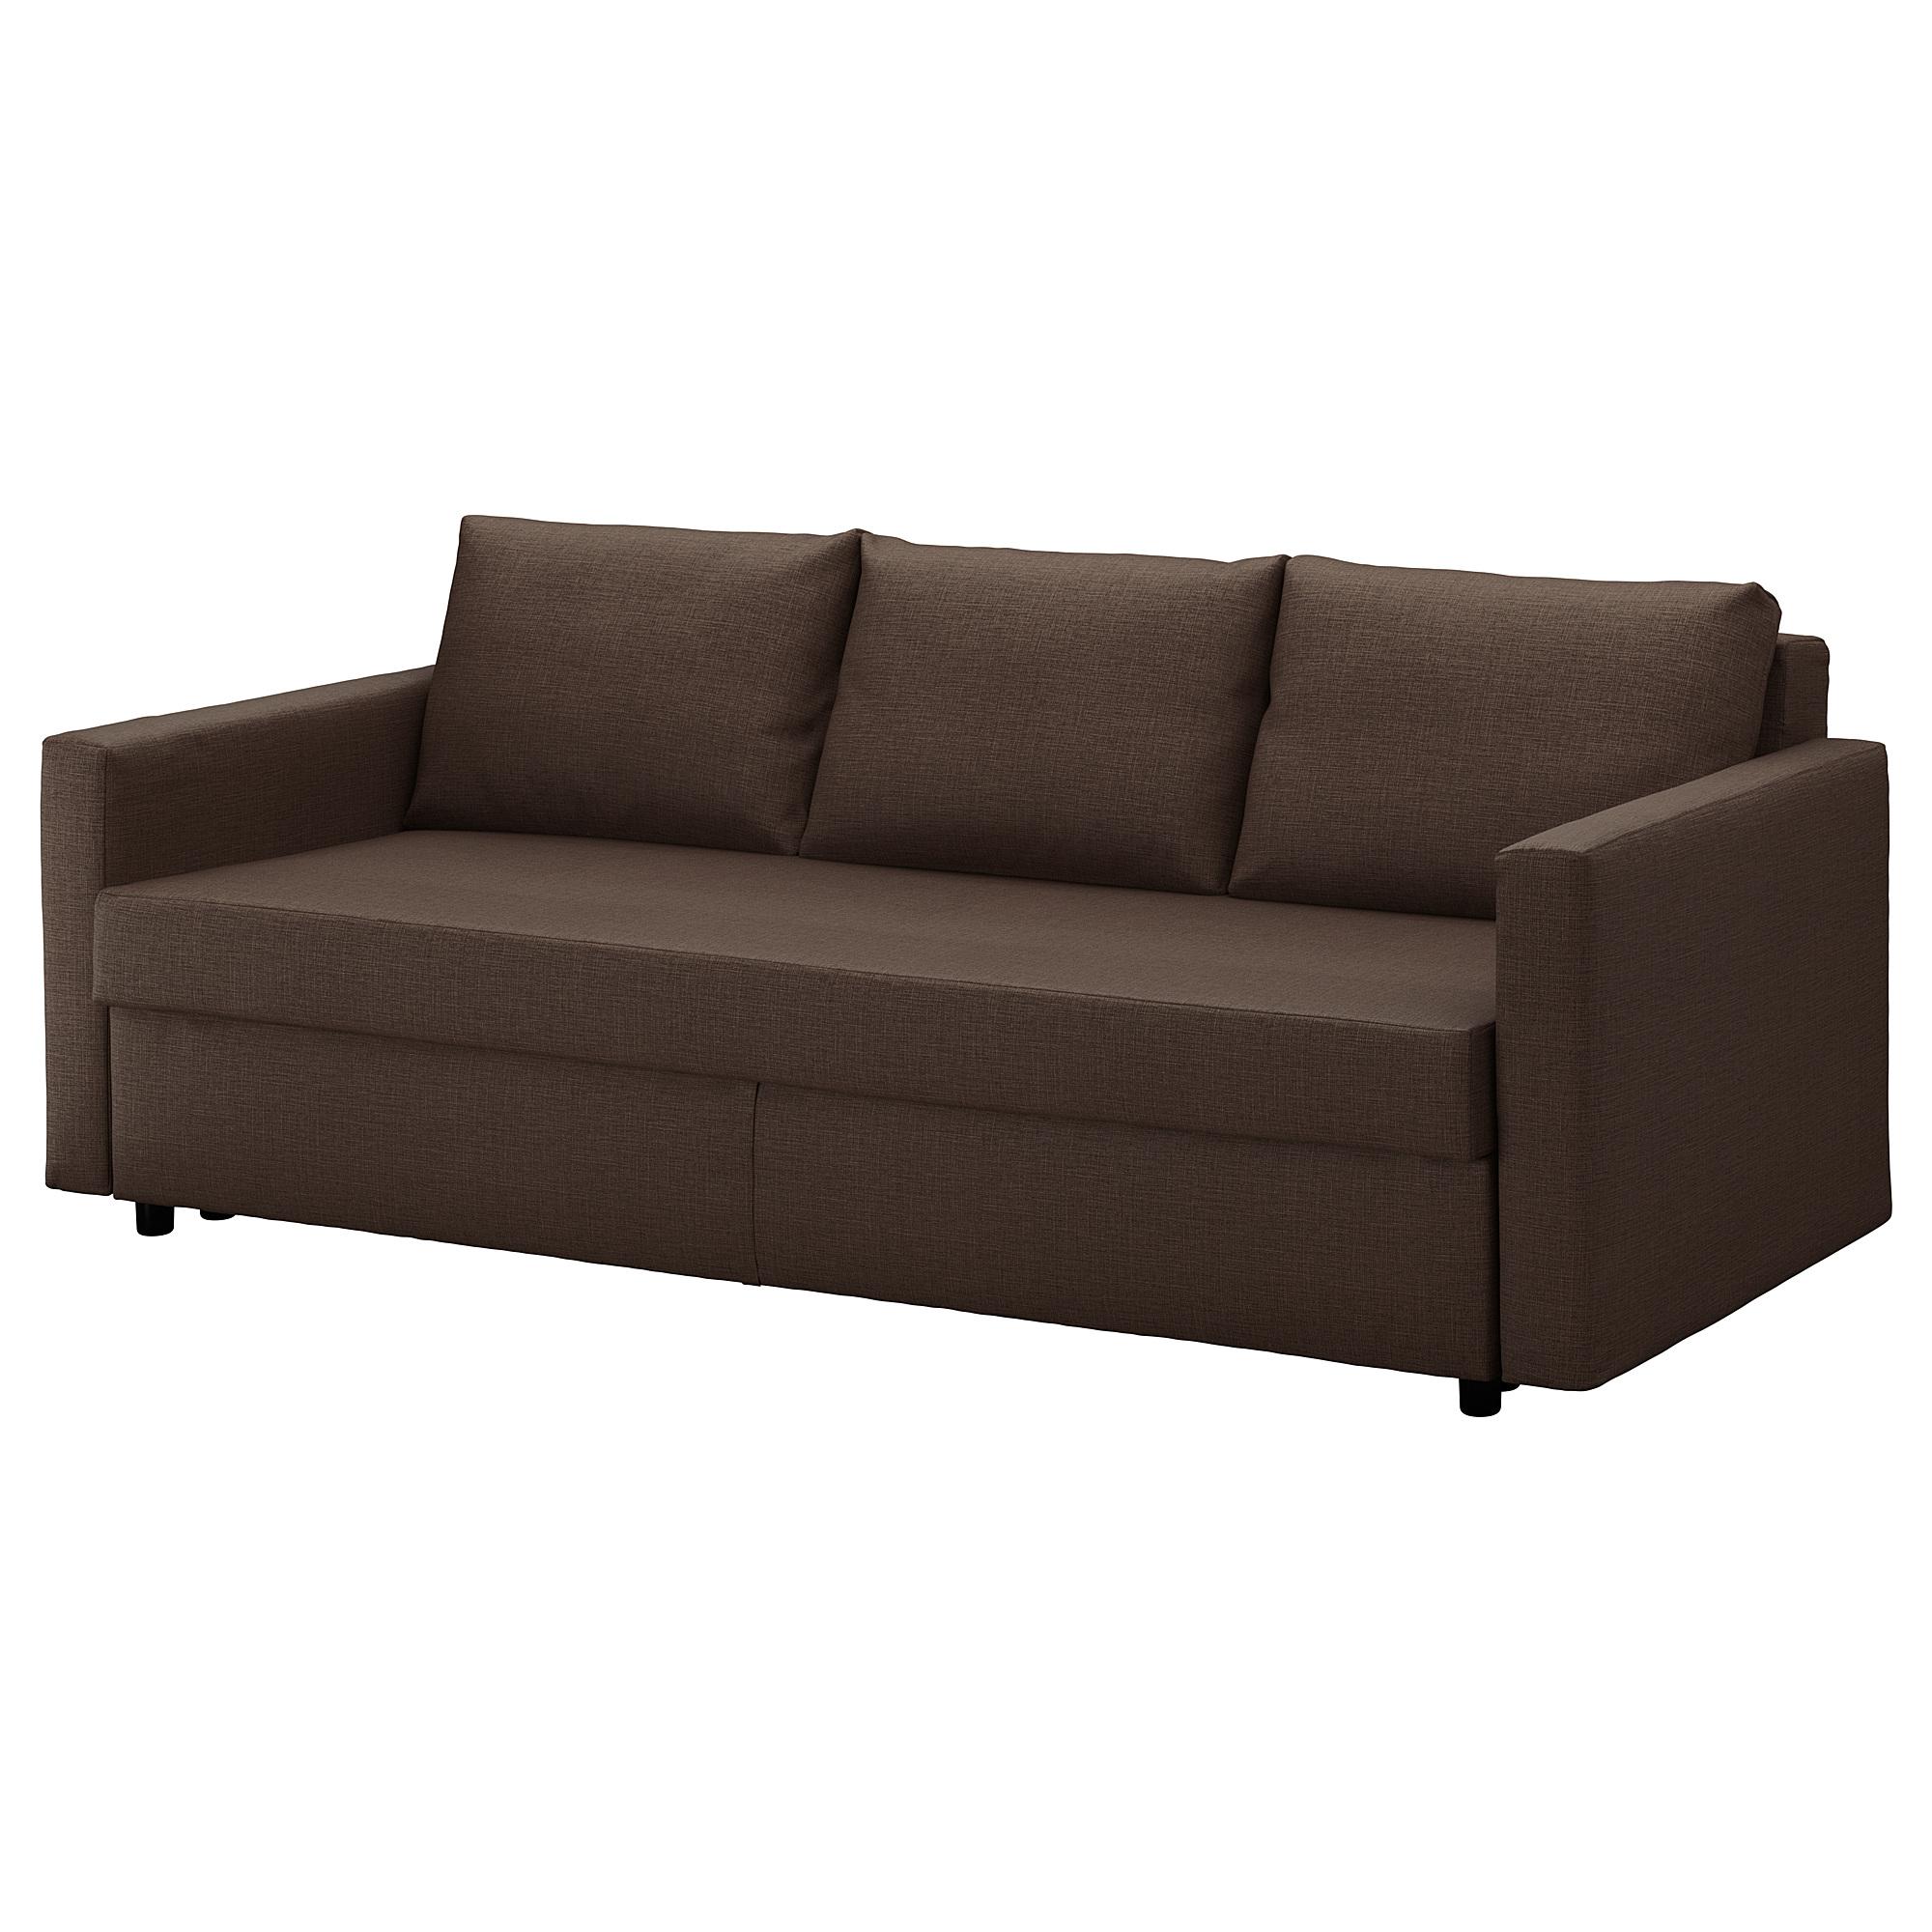 Ikea Lithuania įsigyti Baldų Sviestuvų Interjero Dekoracijų Ir